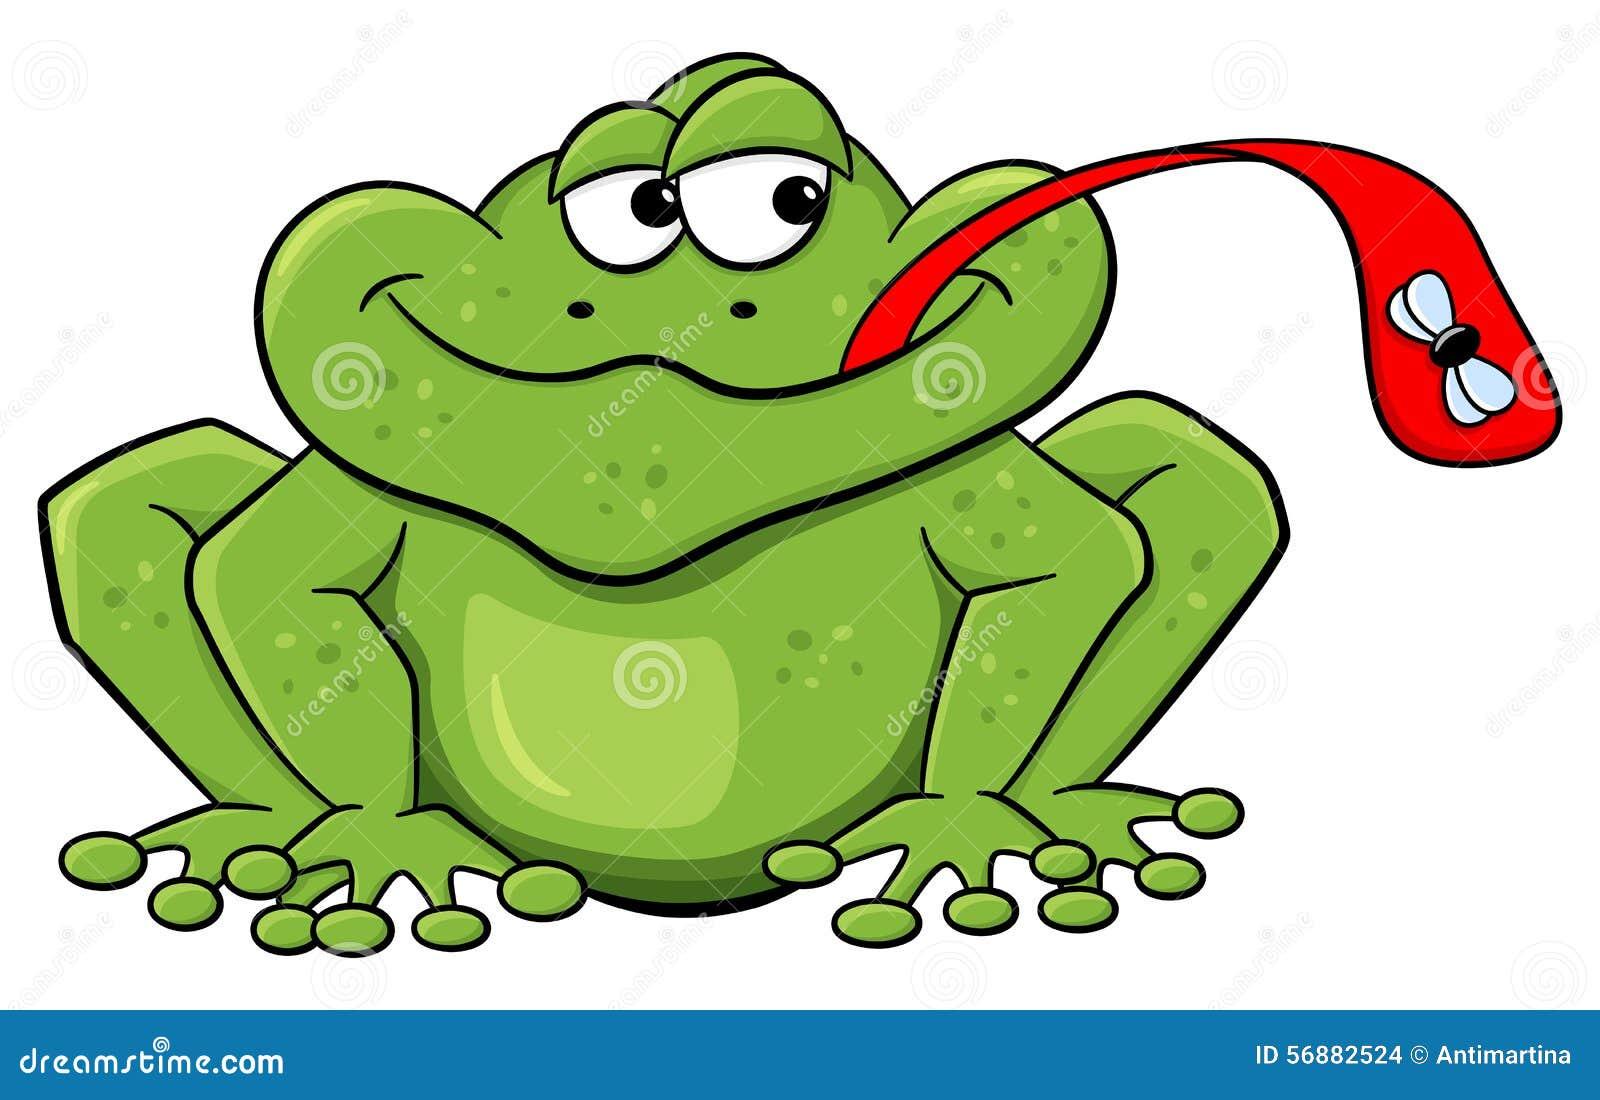 Froschfänge fliegen mit seiner Zunge